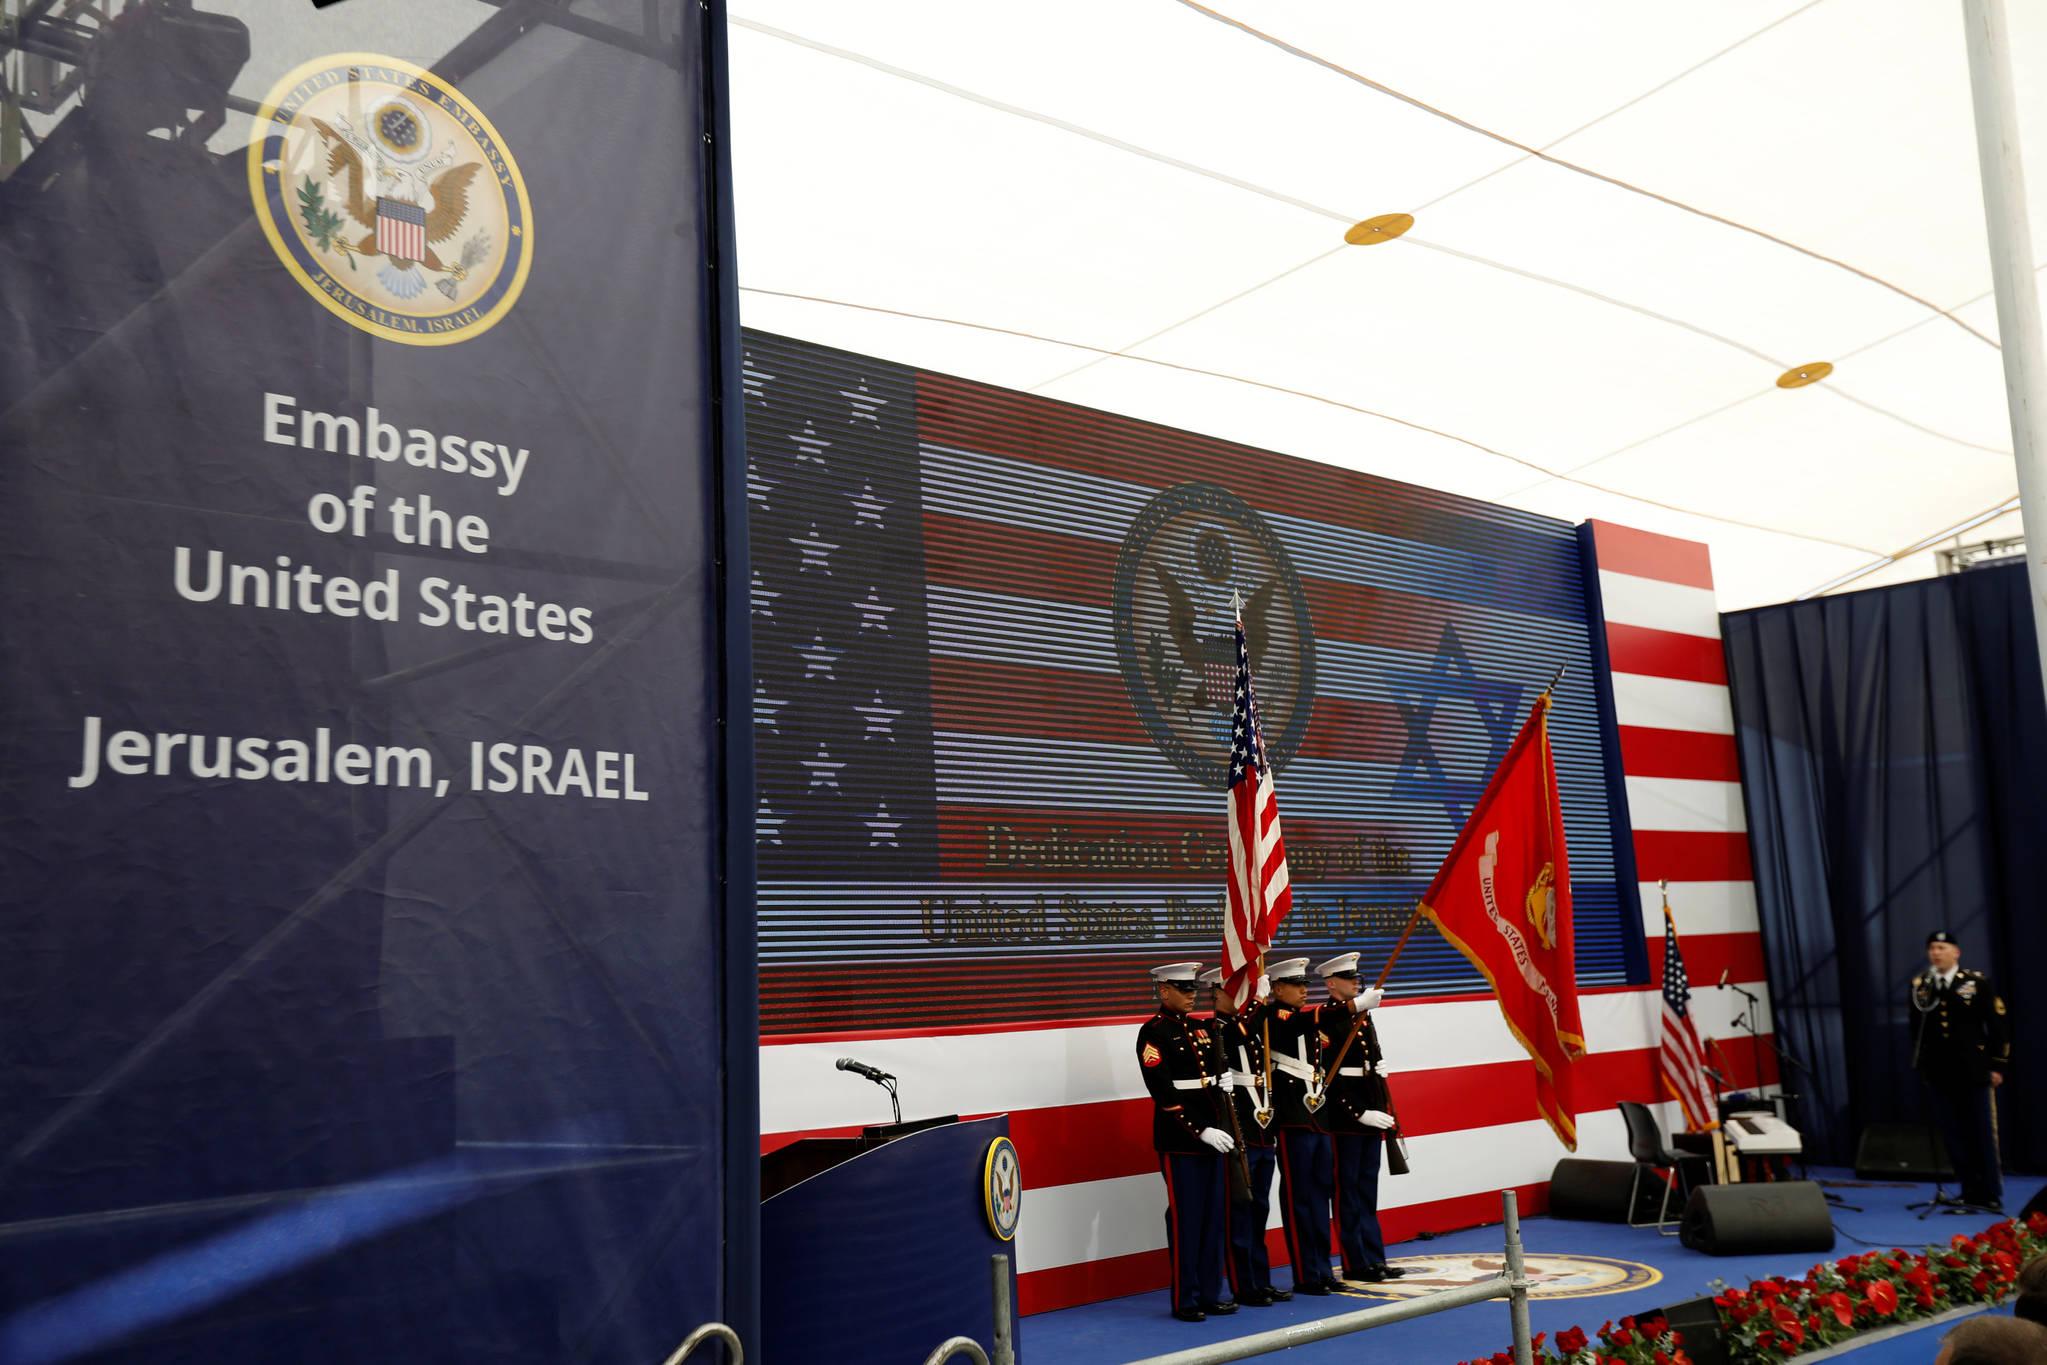 미 해병들이 성조기를 들고 예루살렘 미국대사관 개관식에 참석하고 있다. [로이터=연합뉴스]